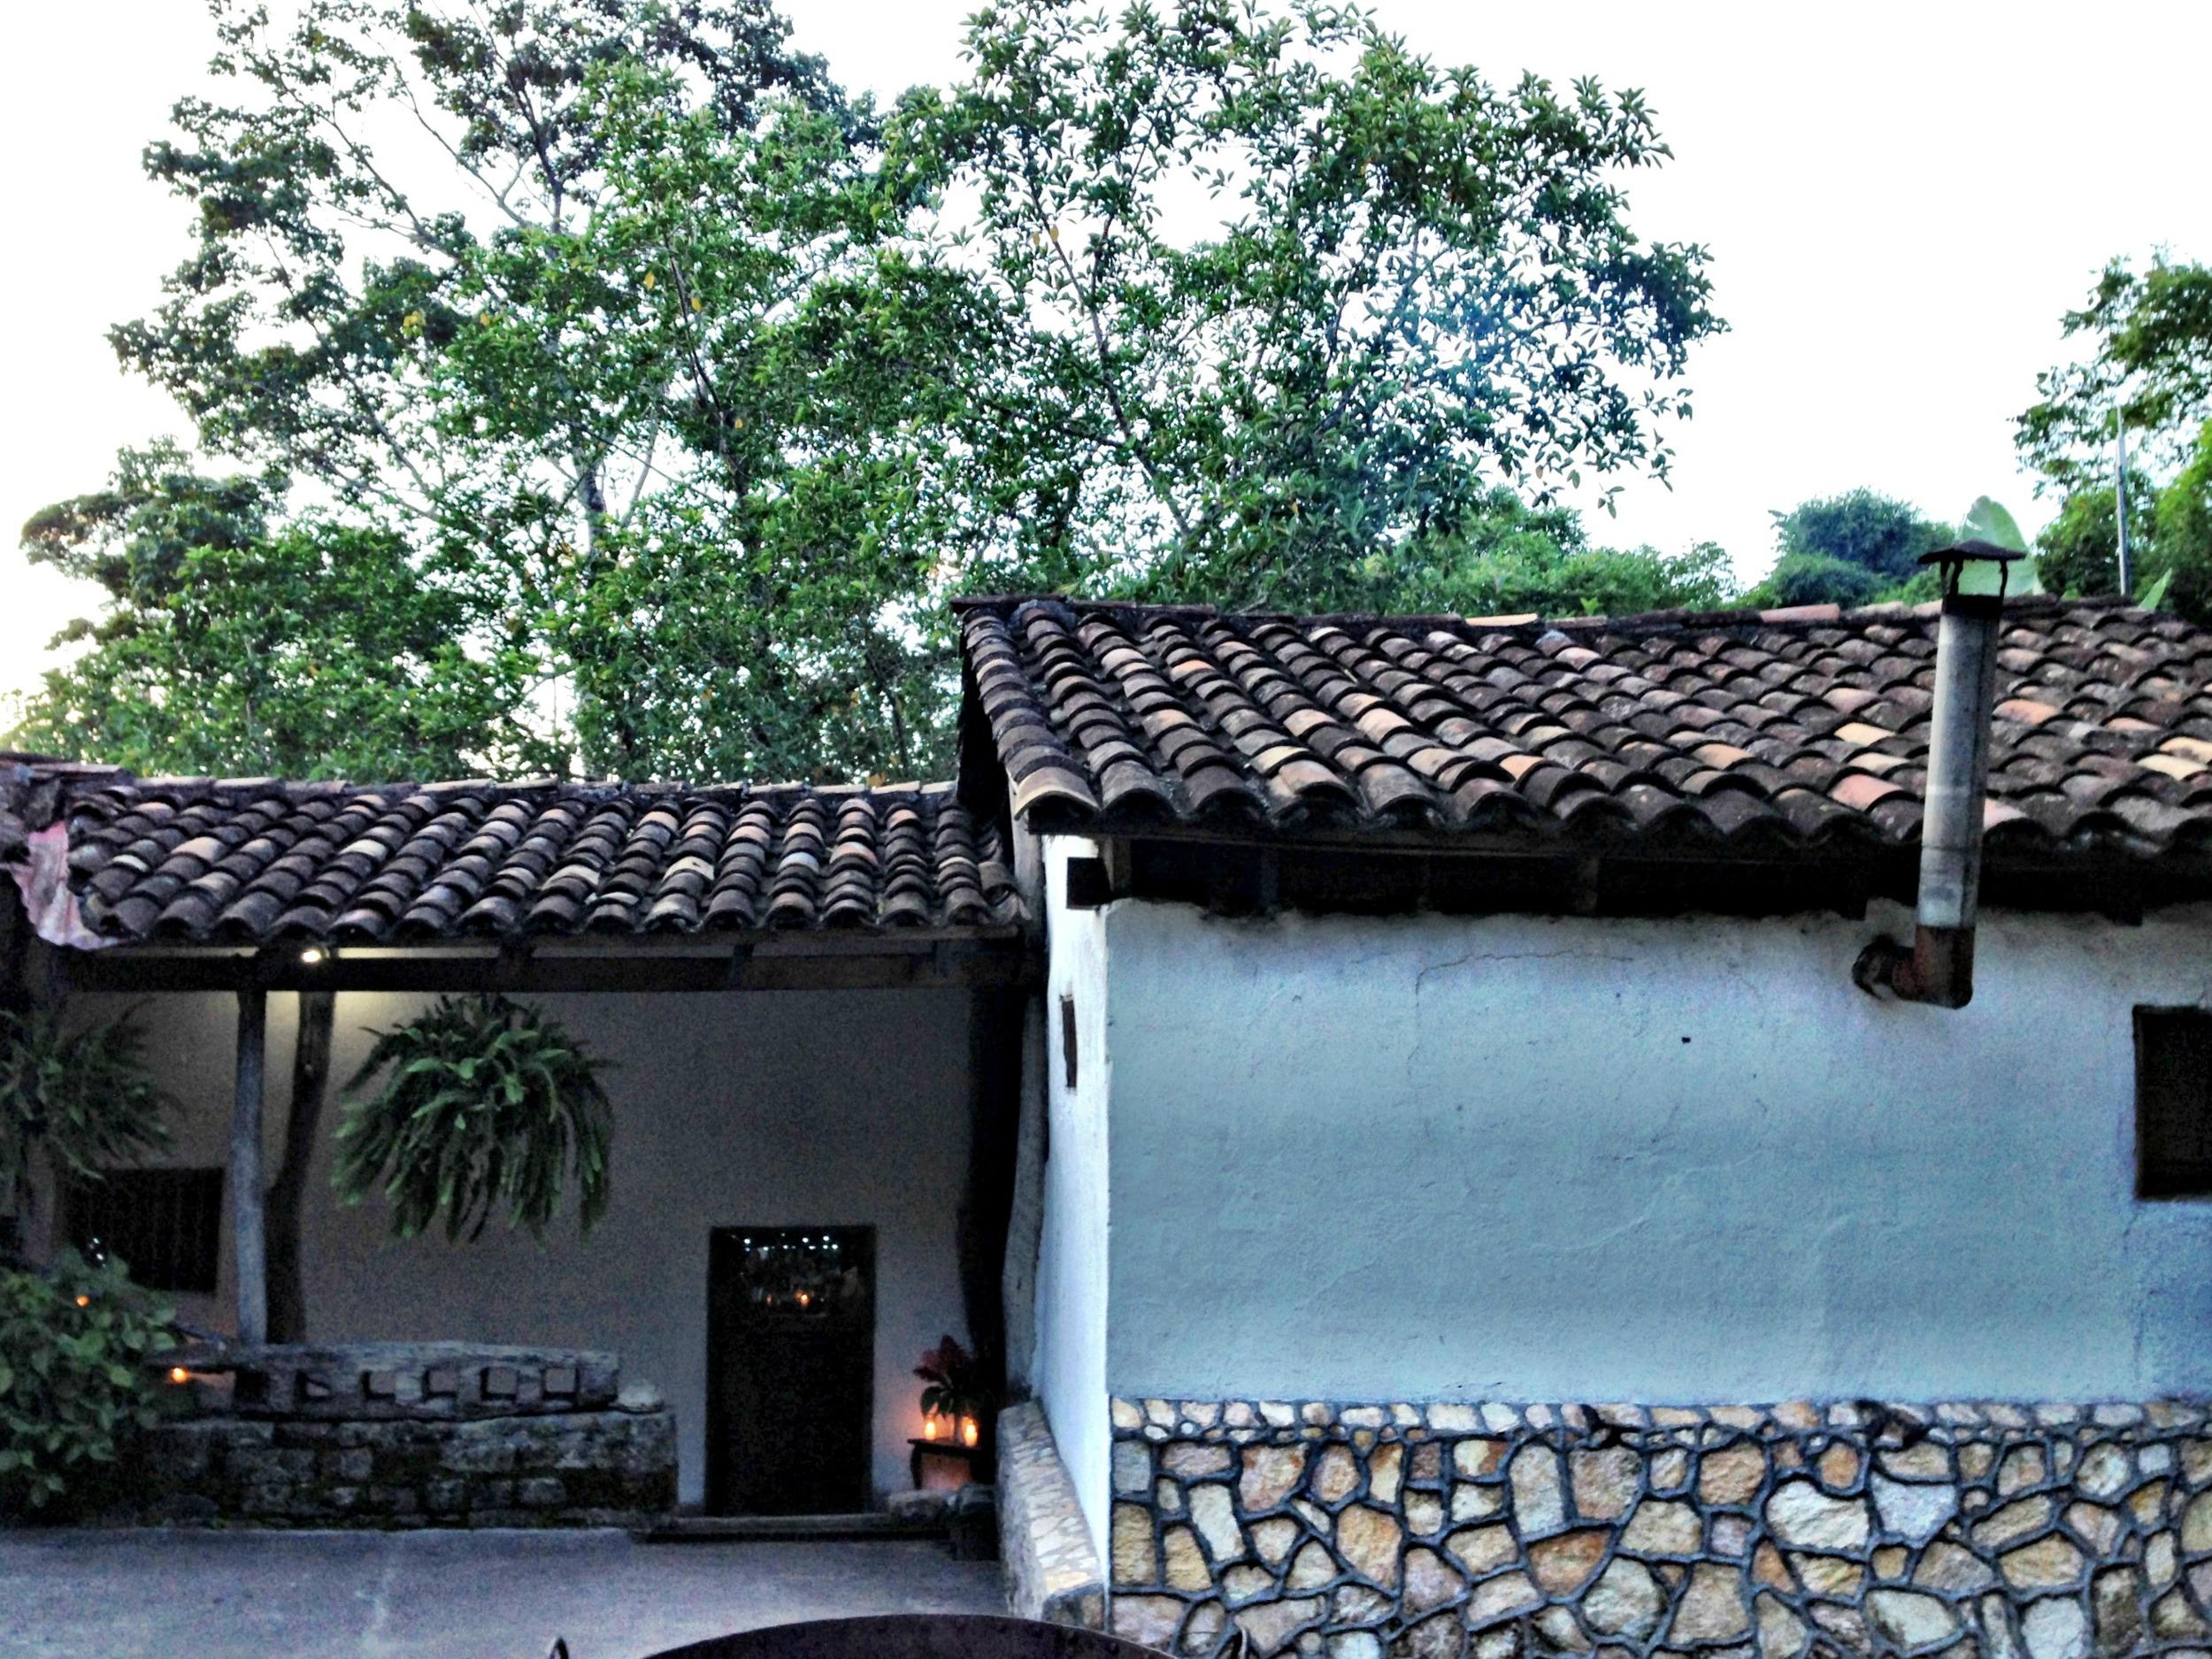 HSL-House-2.JPG